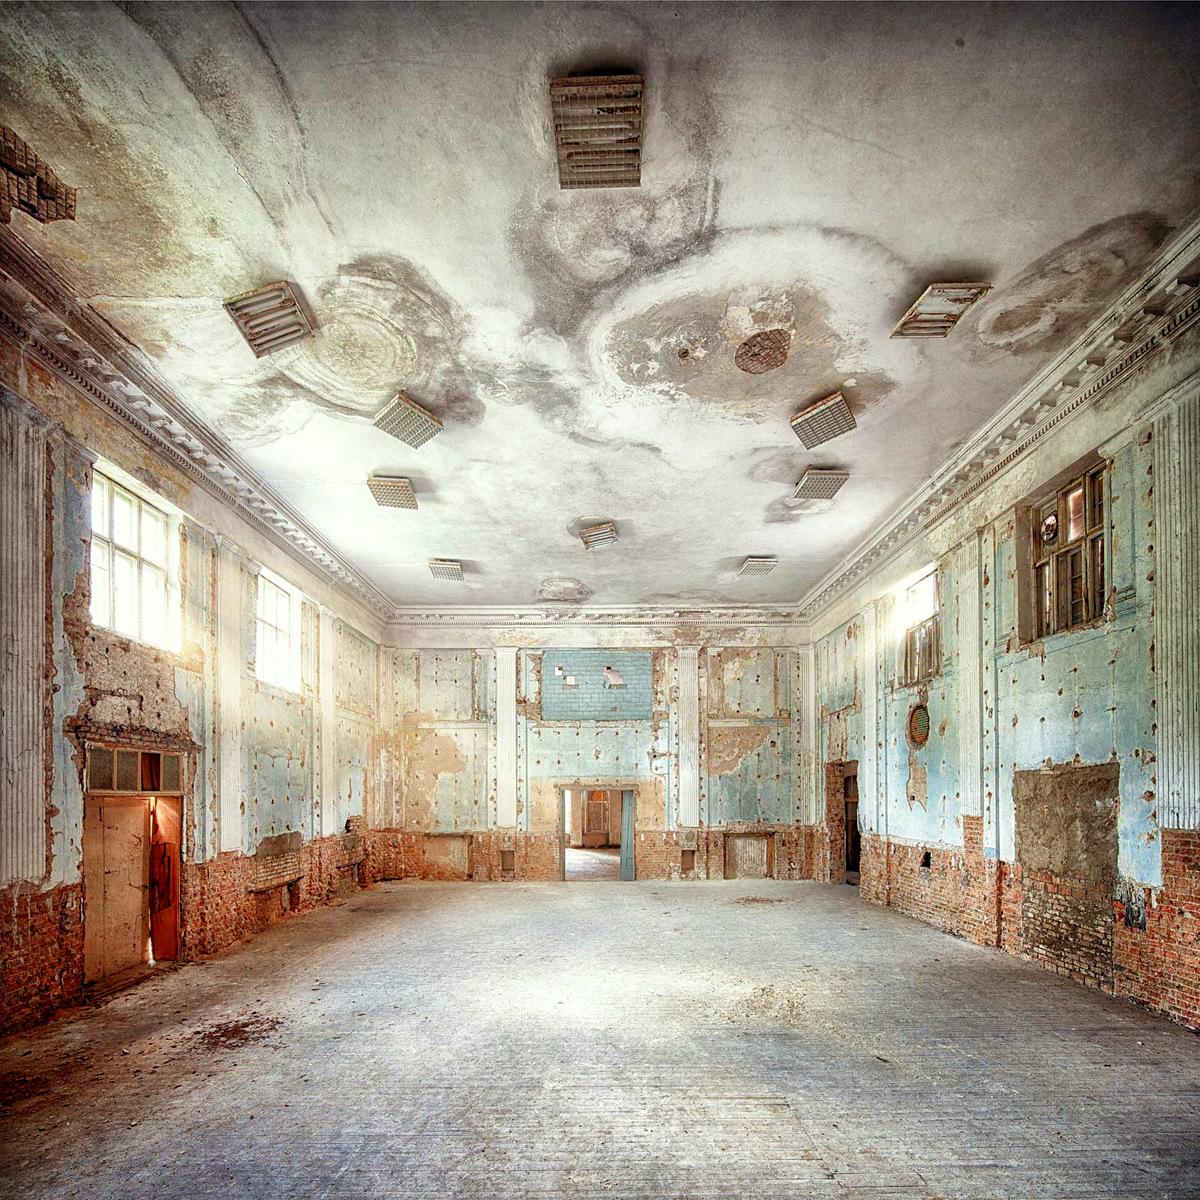 Abandoned I by Markus Studtmann